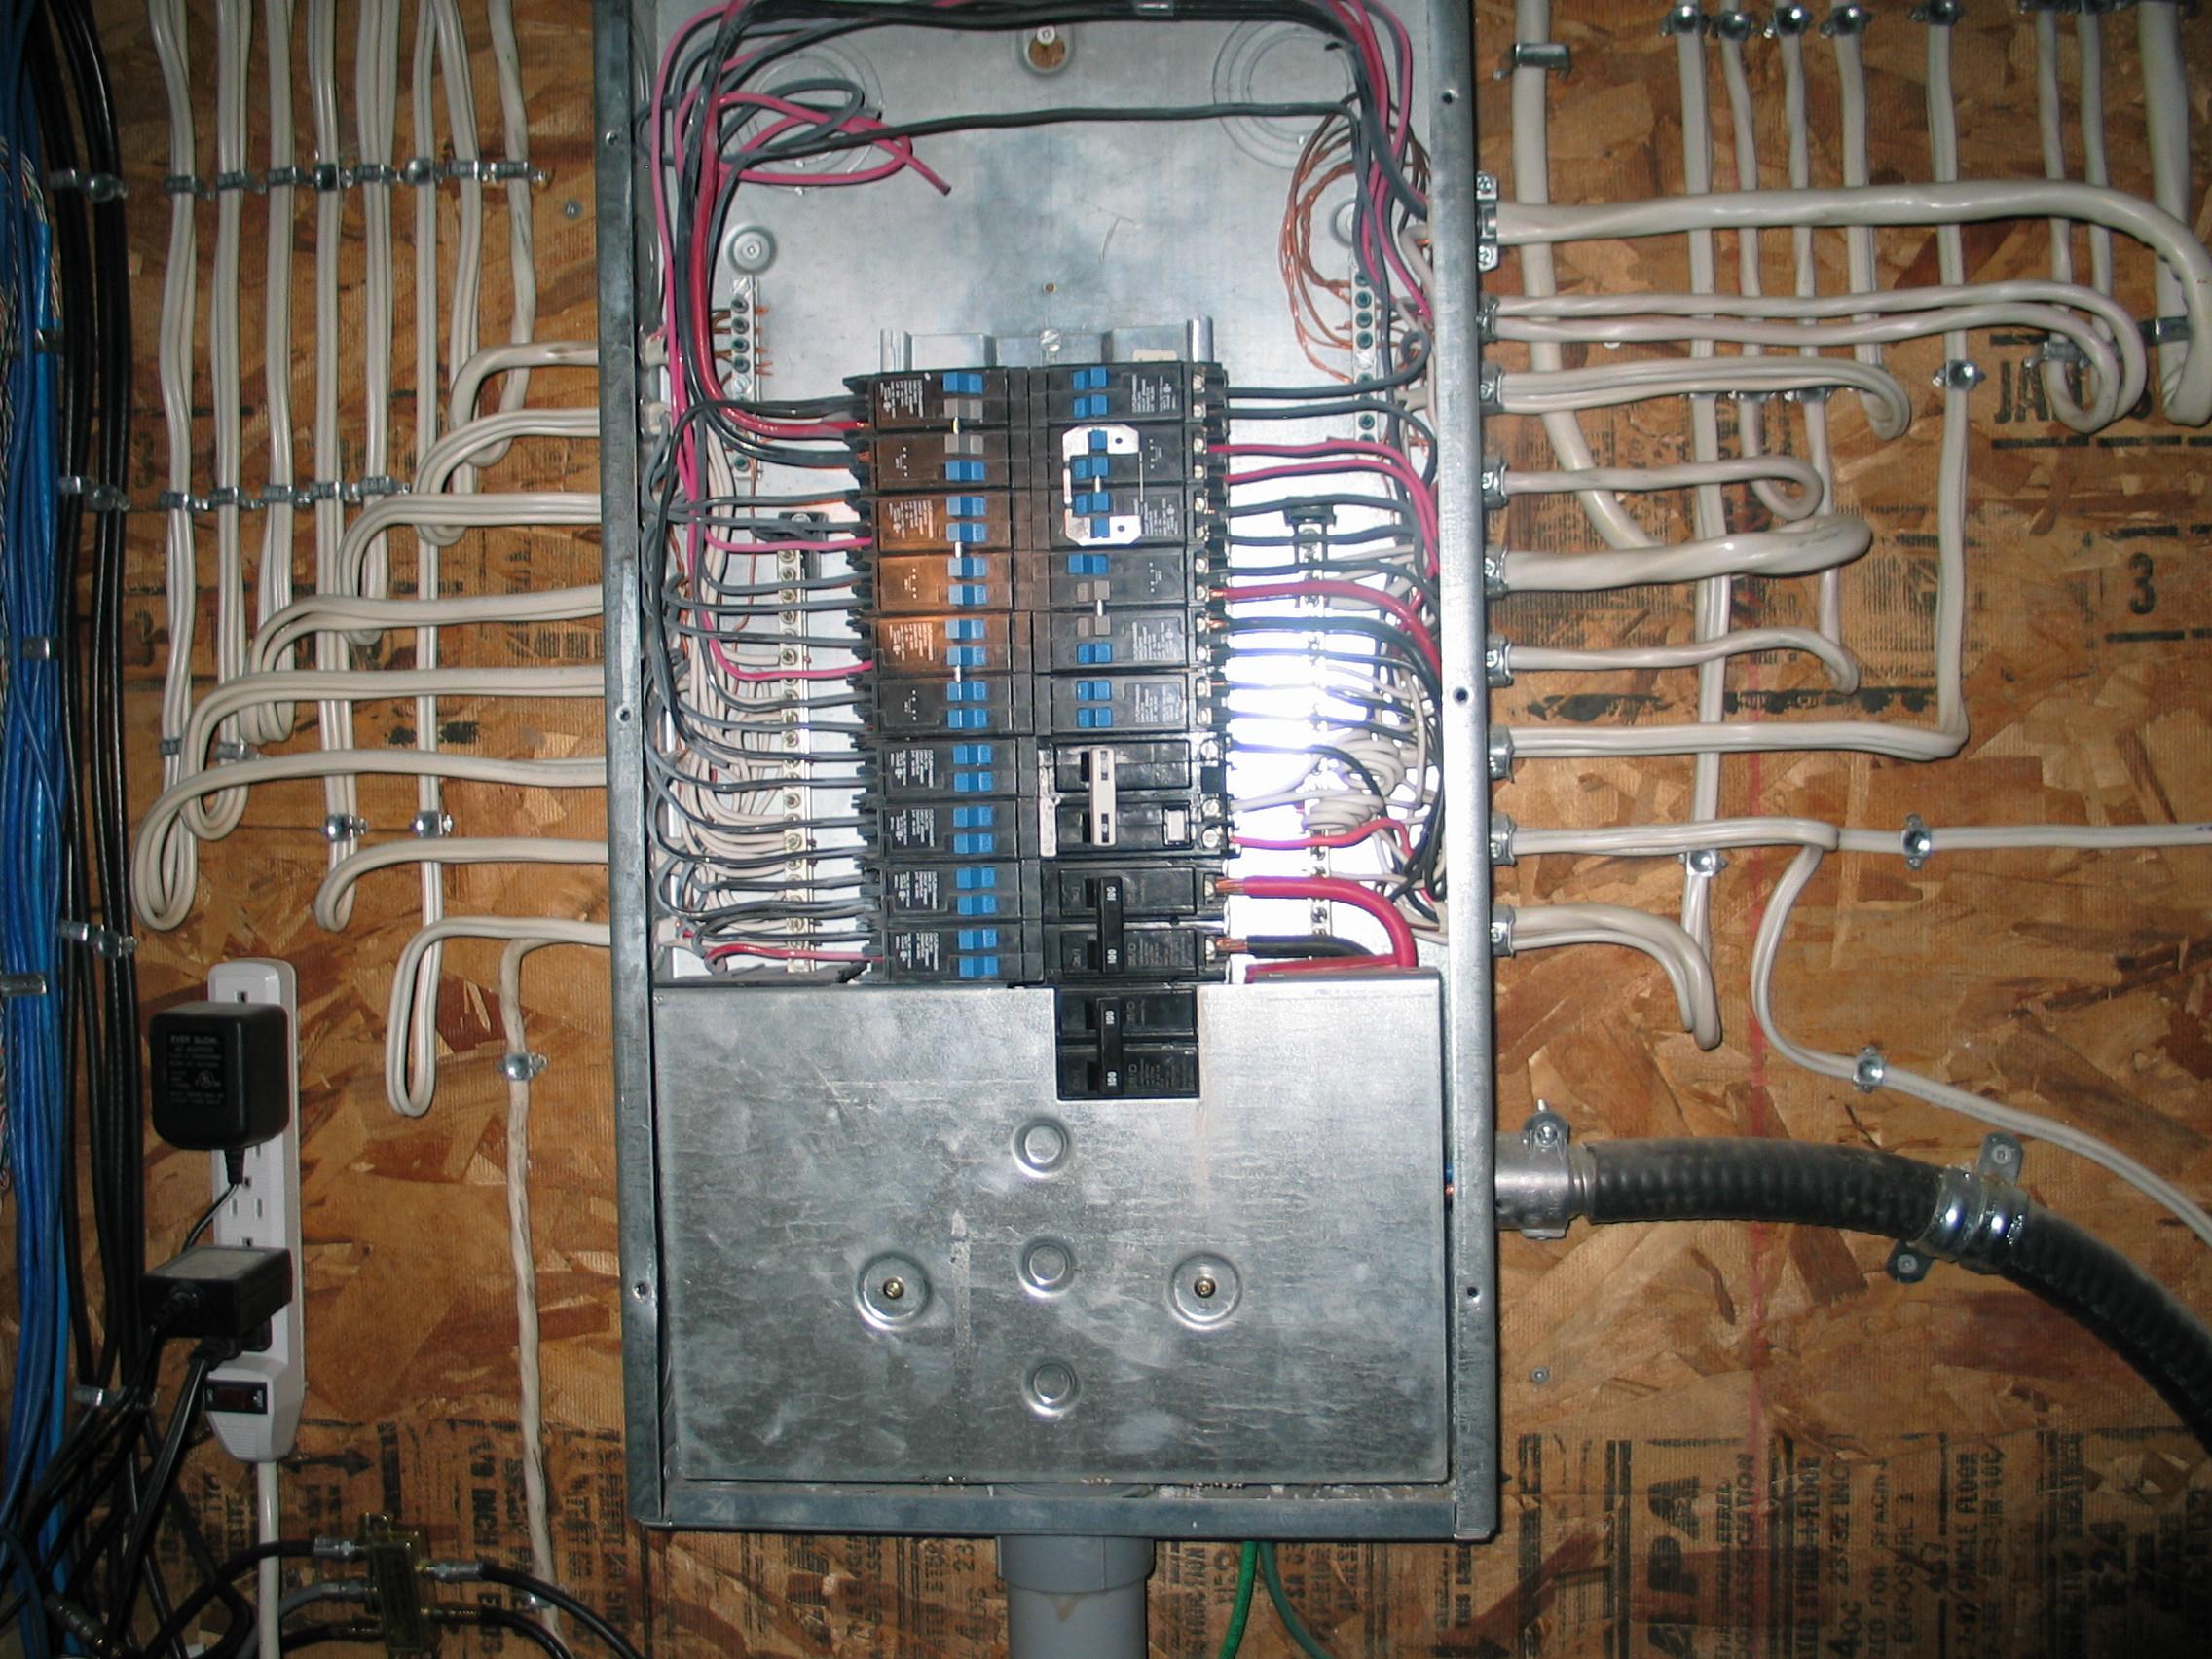 100 Amp Electrical Panel Wiring Diagram | Wiring Diagram - 100 Amp Electrical Panel Wiring Diagram